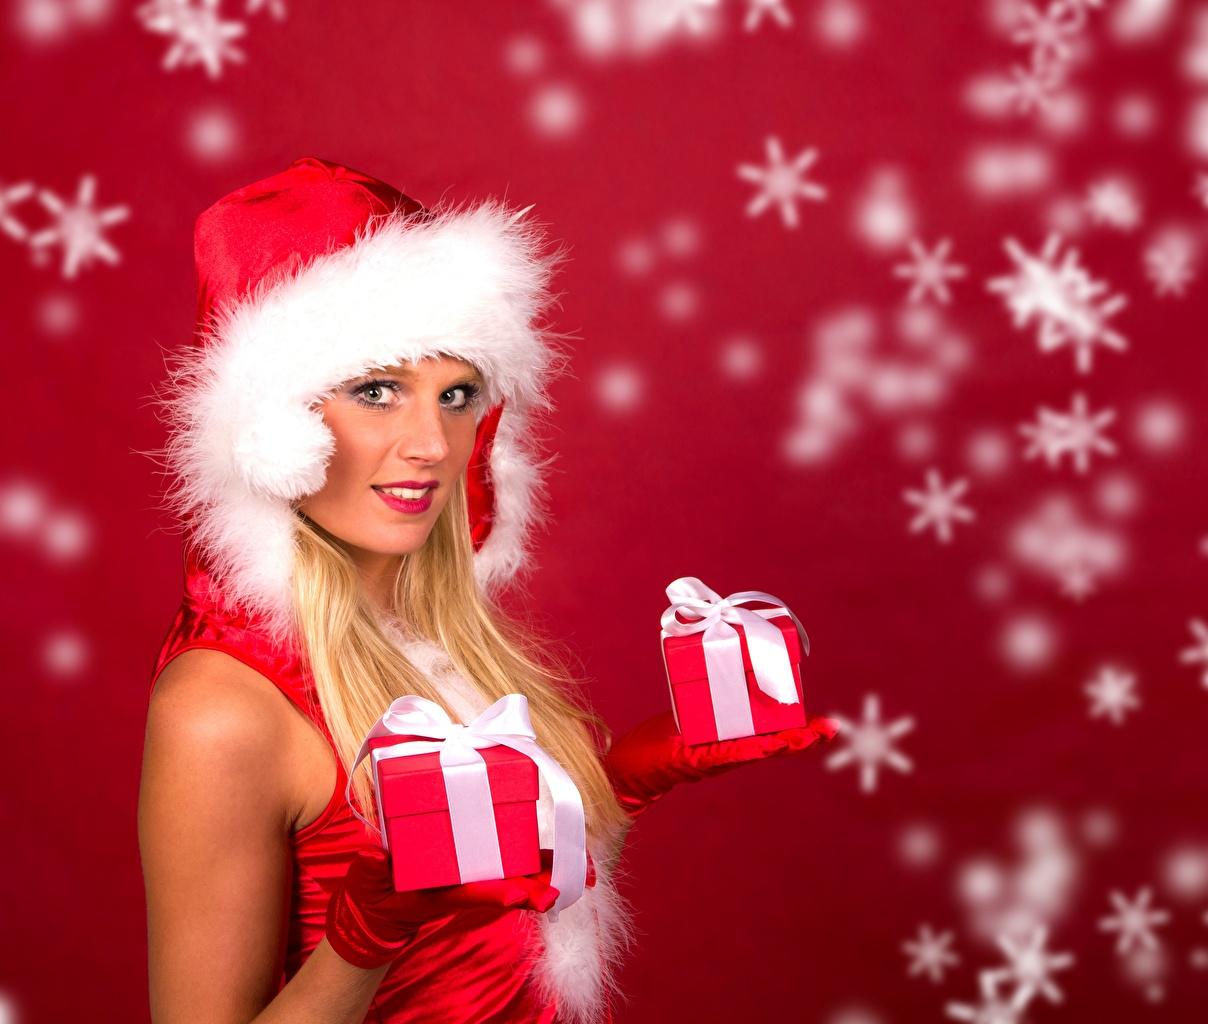 Фотография Новый год Блондинка Шапки Девушки Снежинки Подарки Бантик смотрит Рождество Взгляд